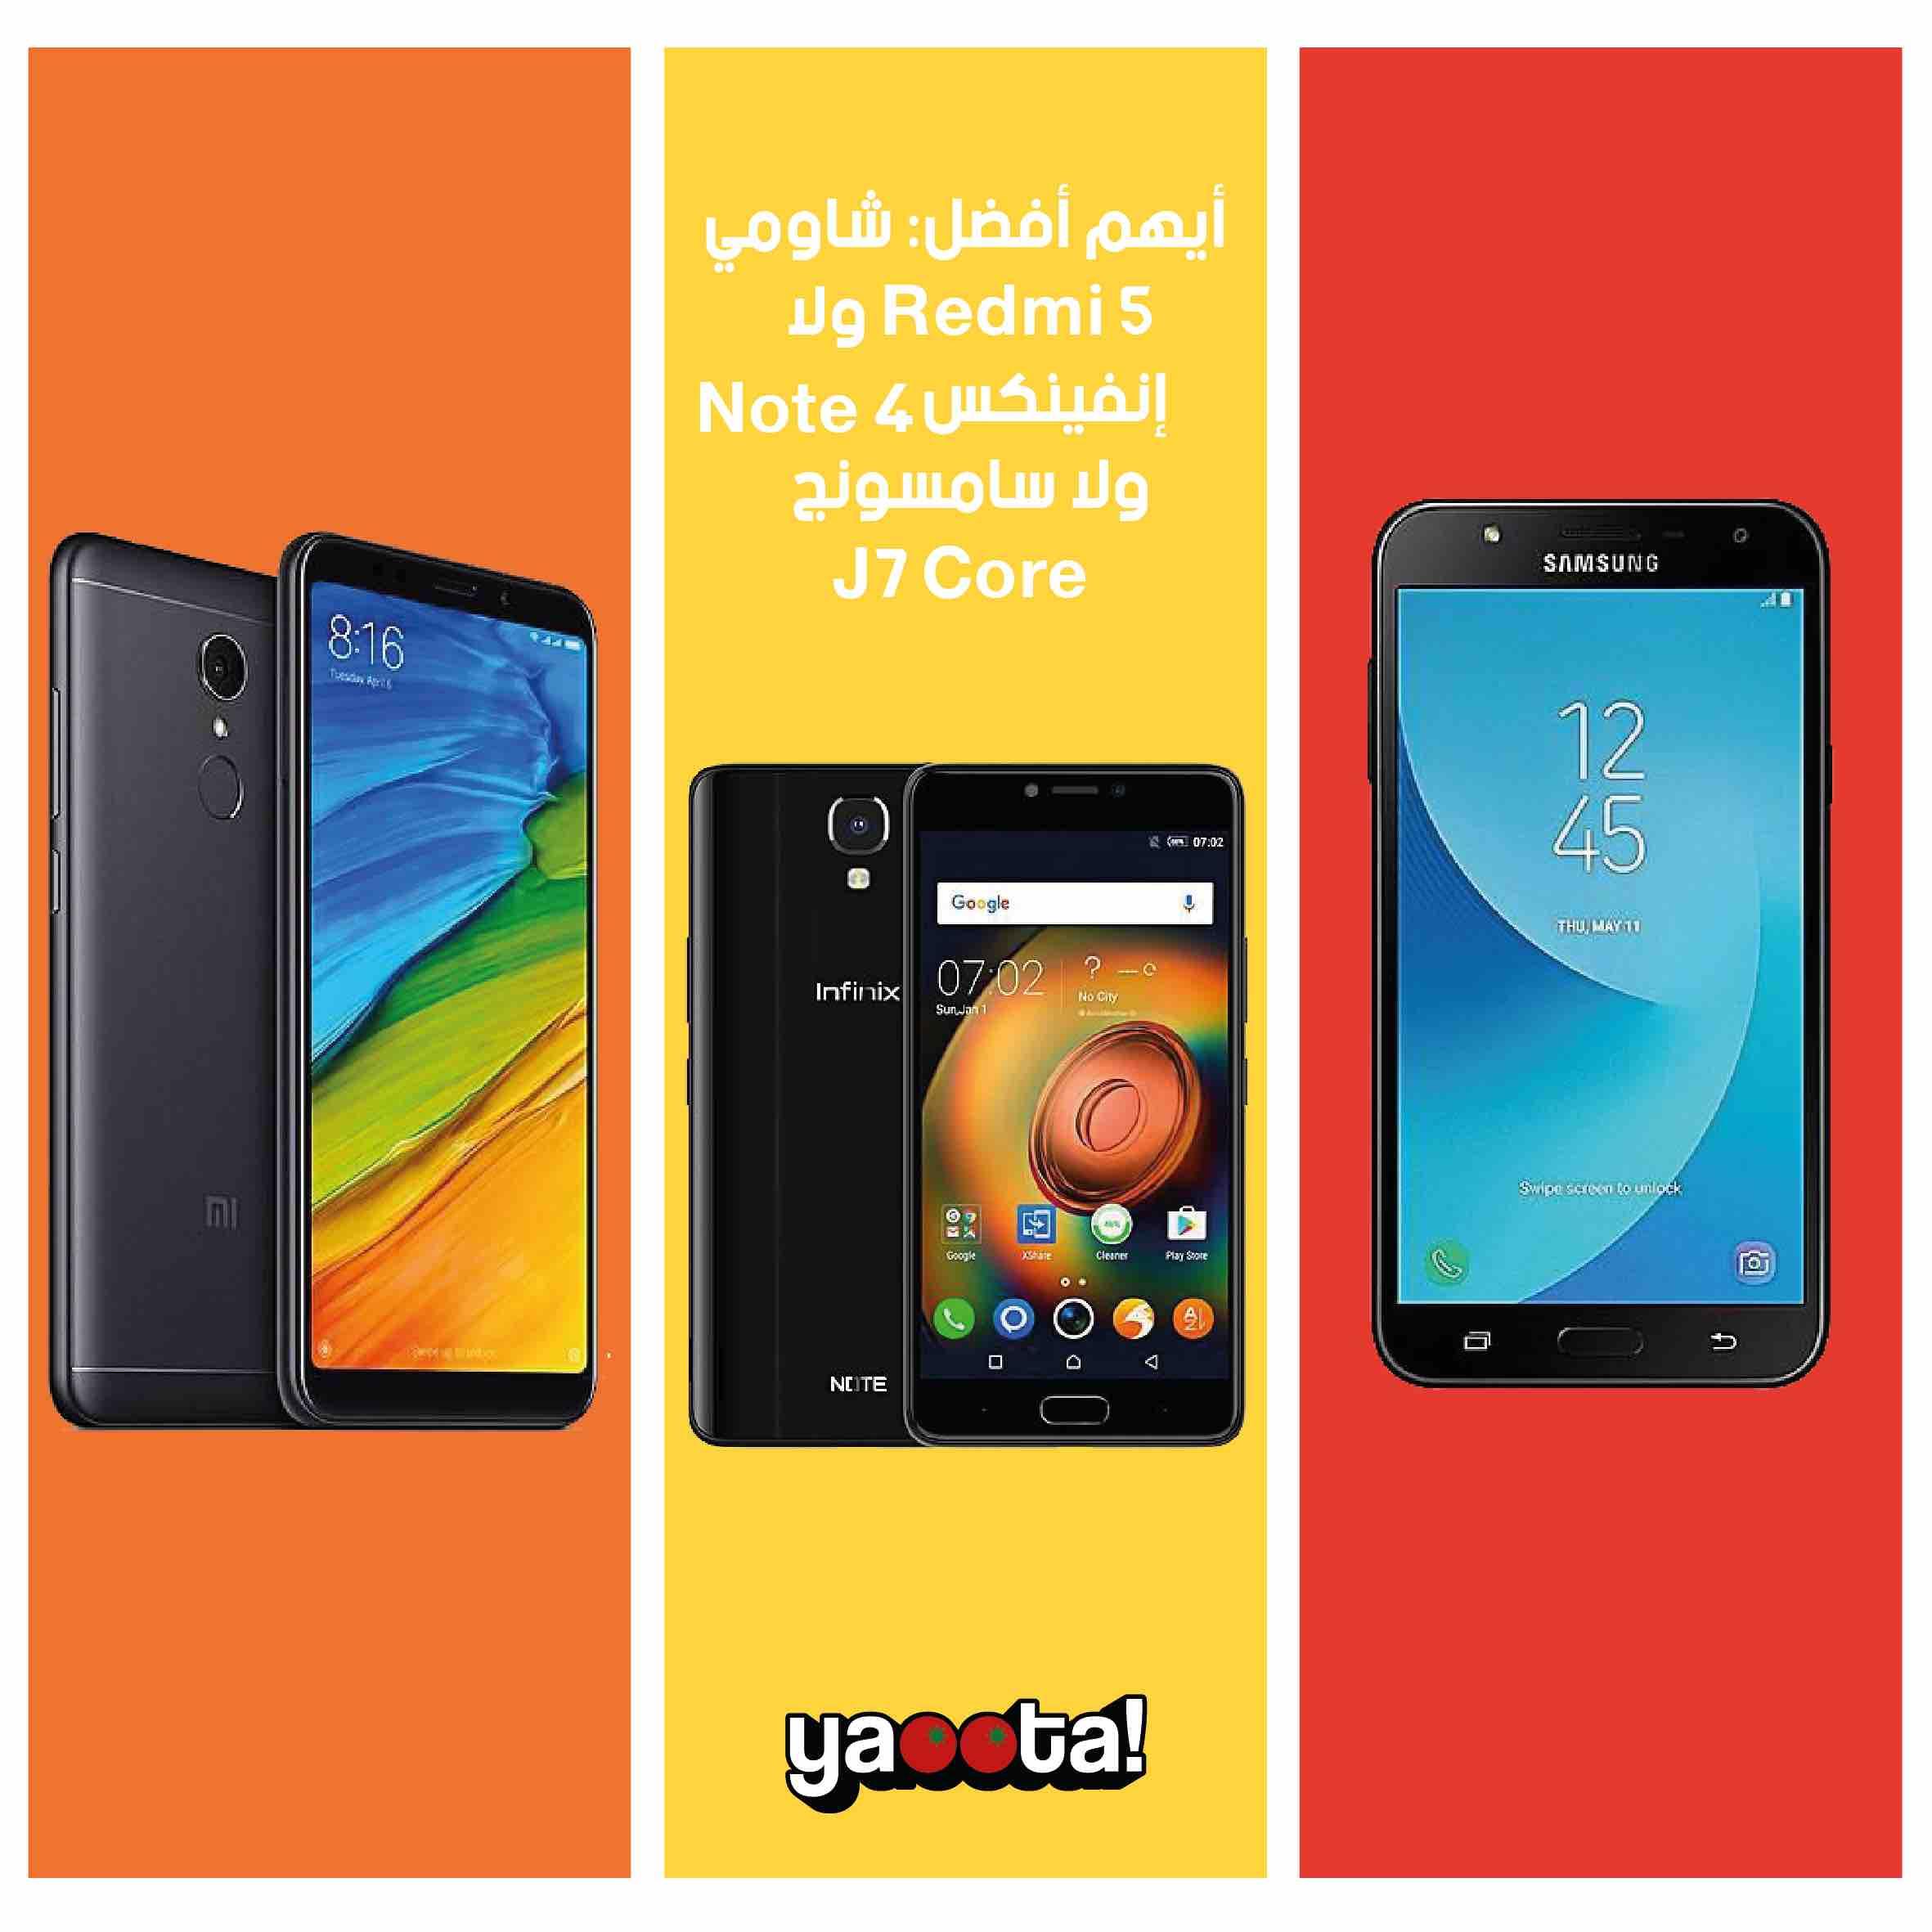 أيهم أفضل: شاومي Redmi 5 ولا جلاكسي J7 Core ولا إنفينكس Note 4